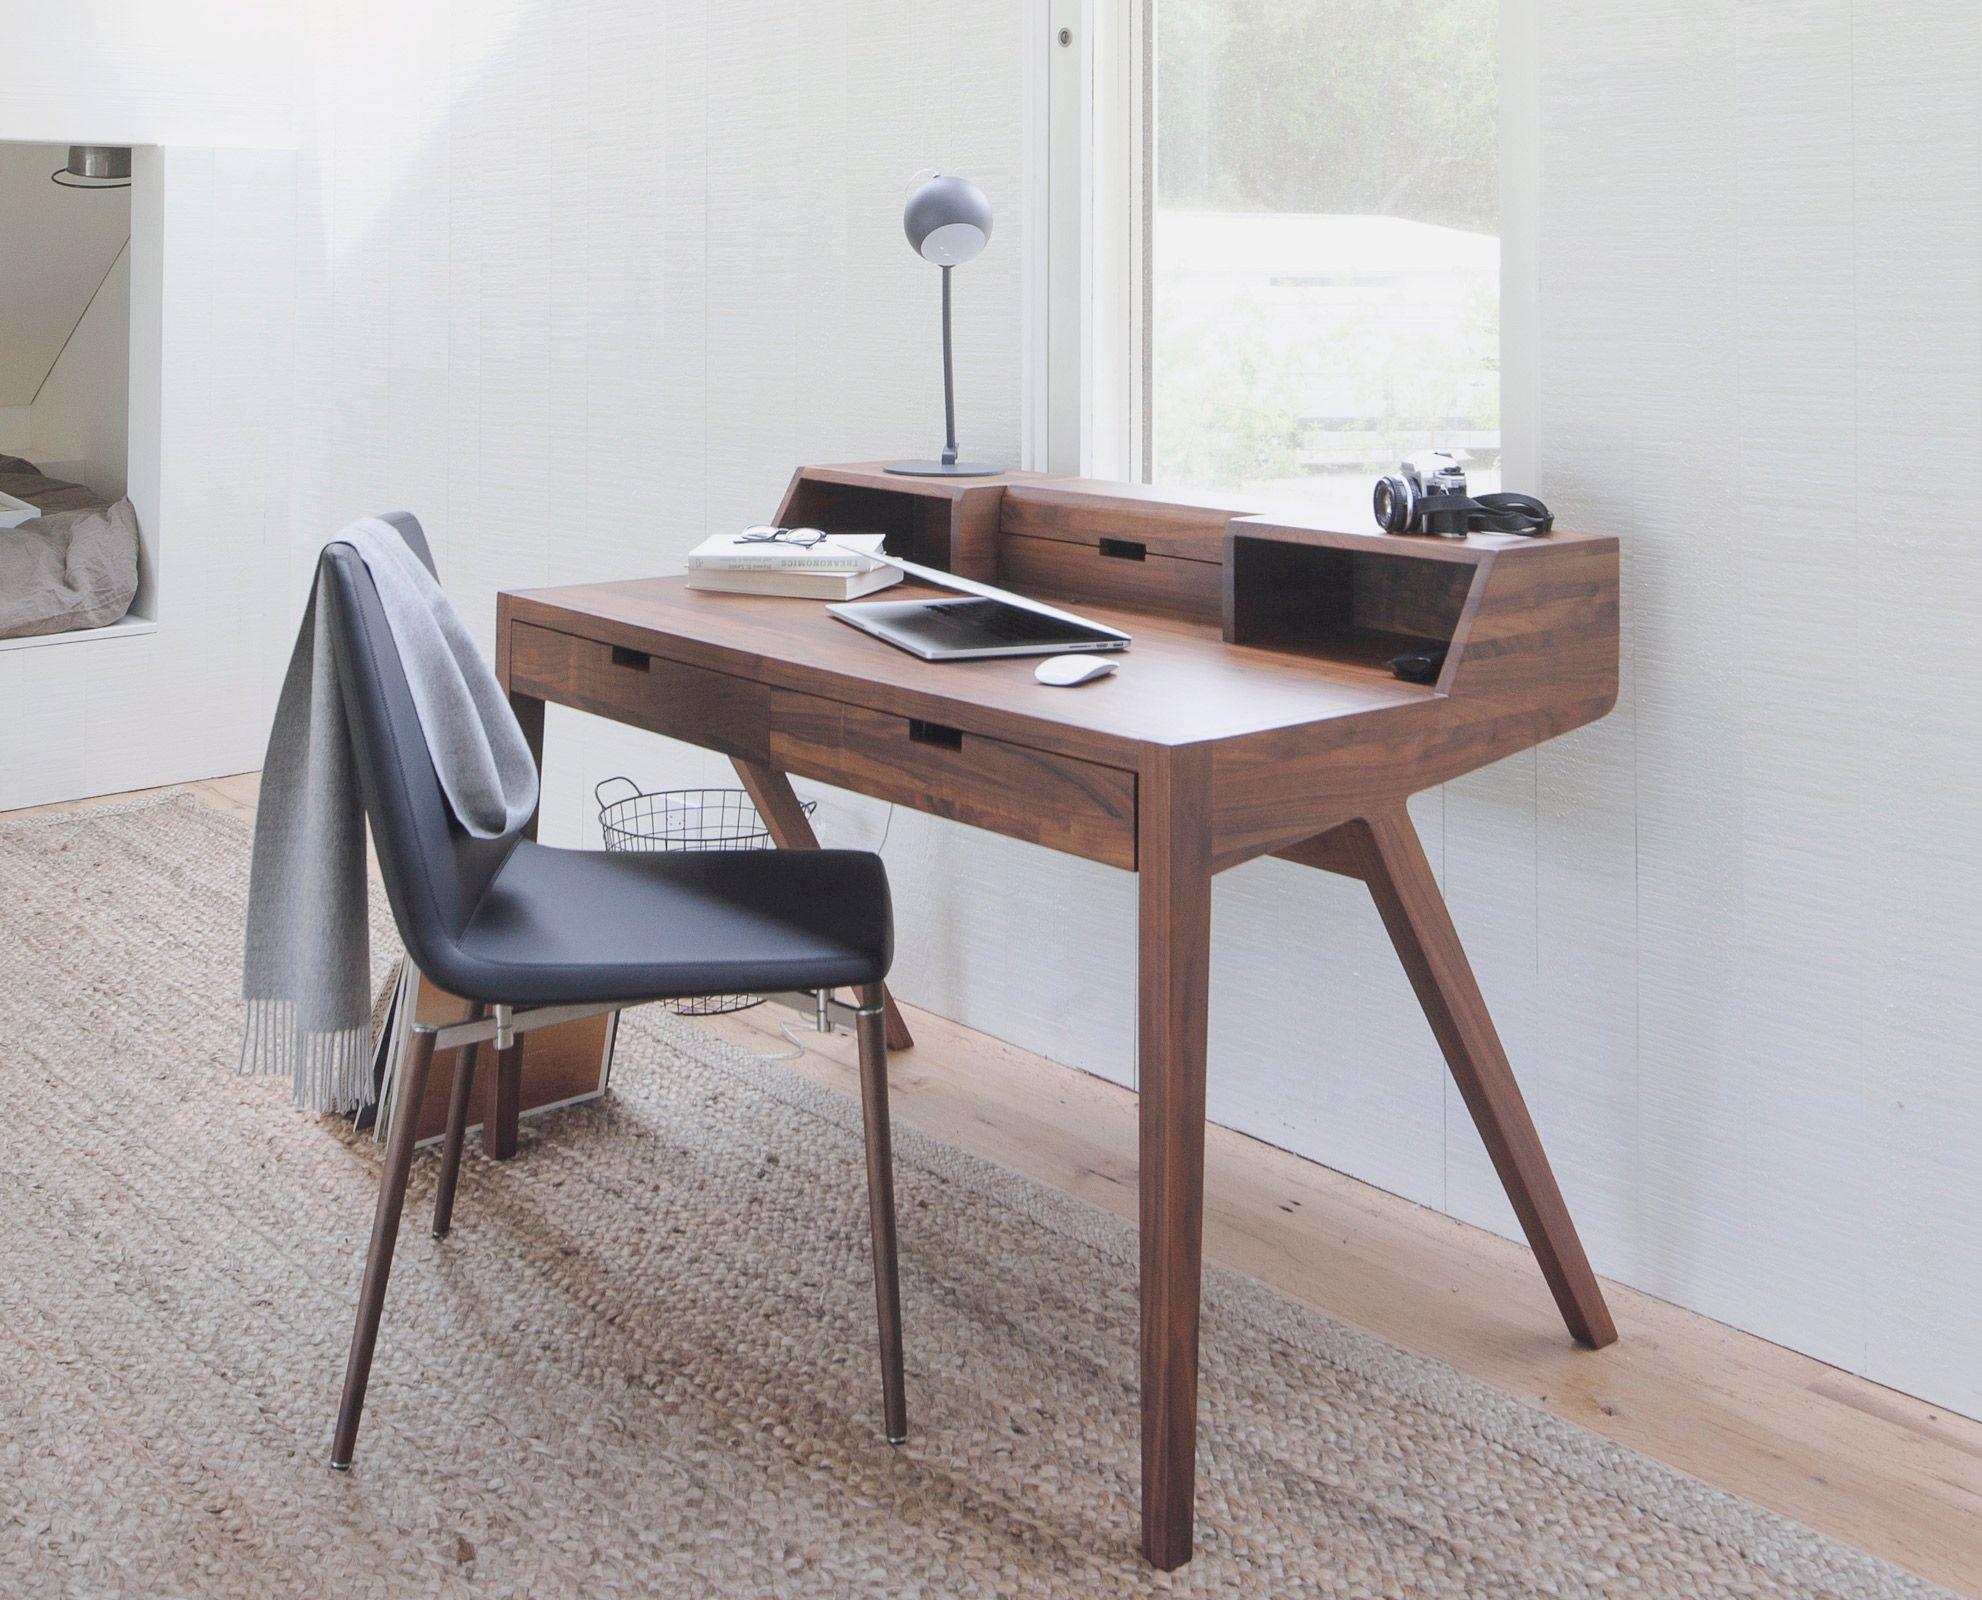 Abroma Desk By Scandinavian Designs Instill A Scandinavian